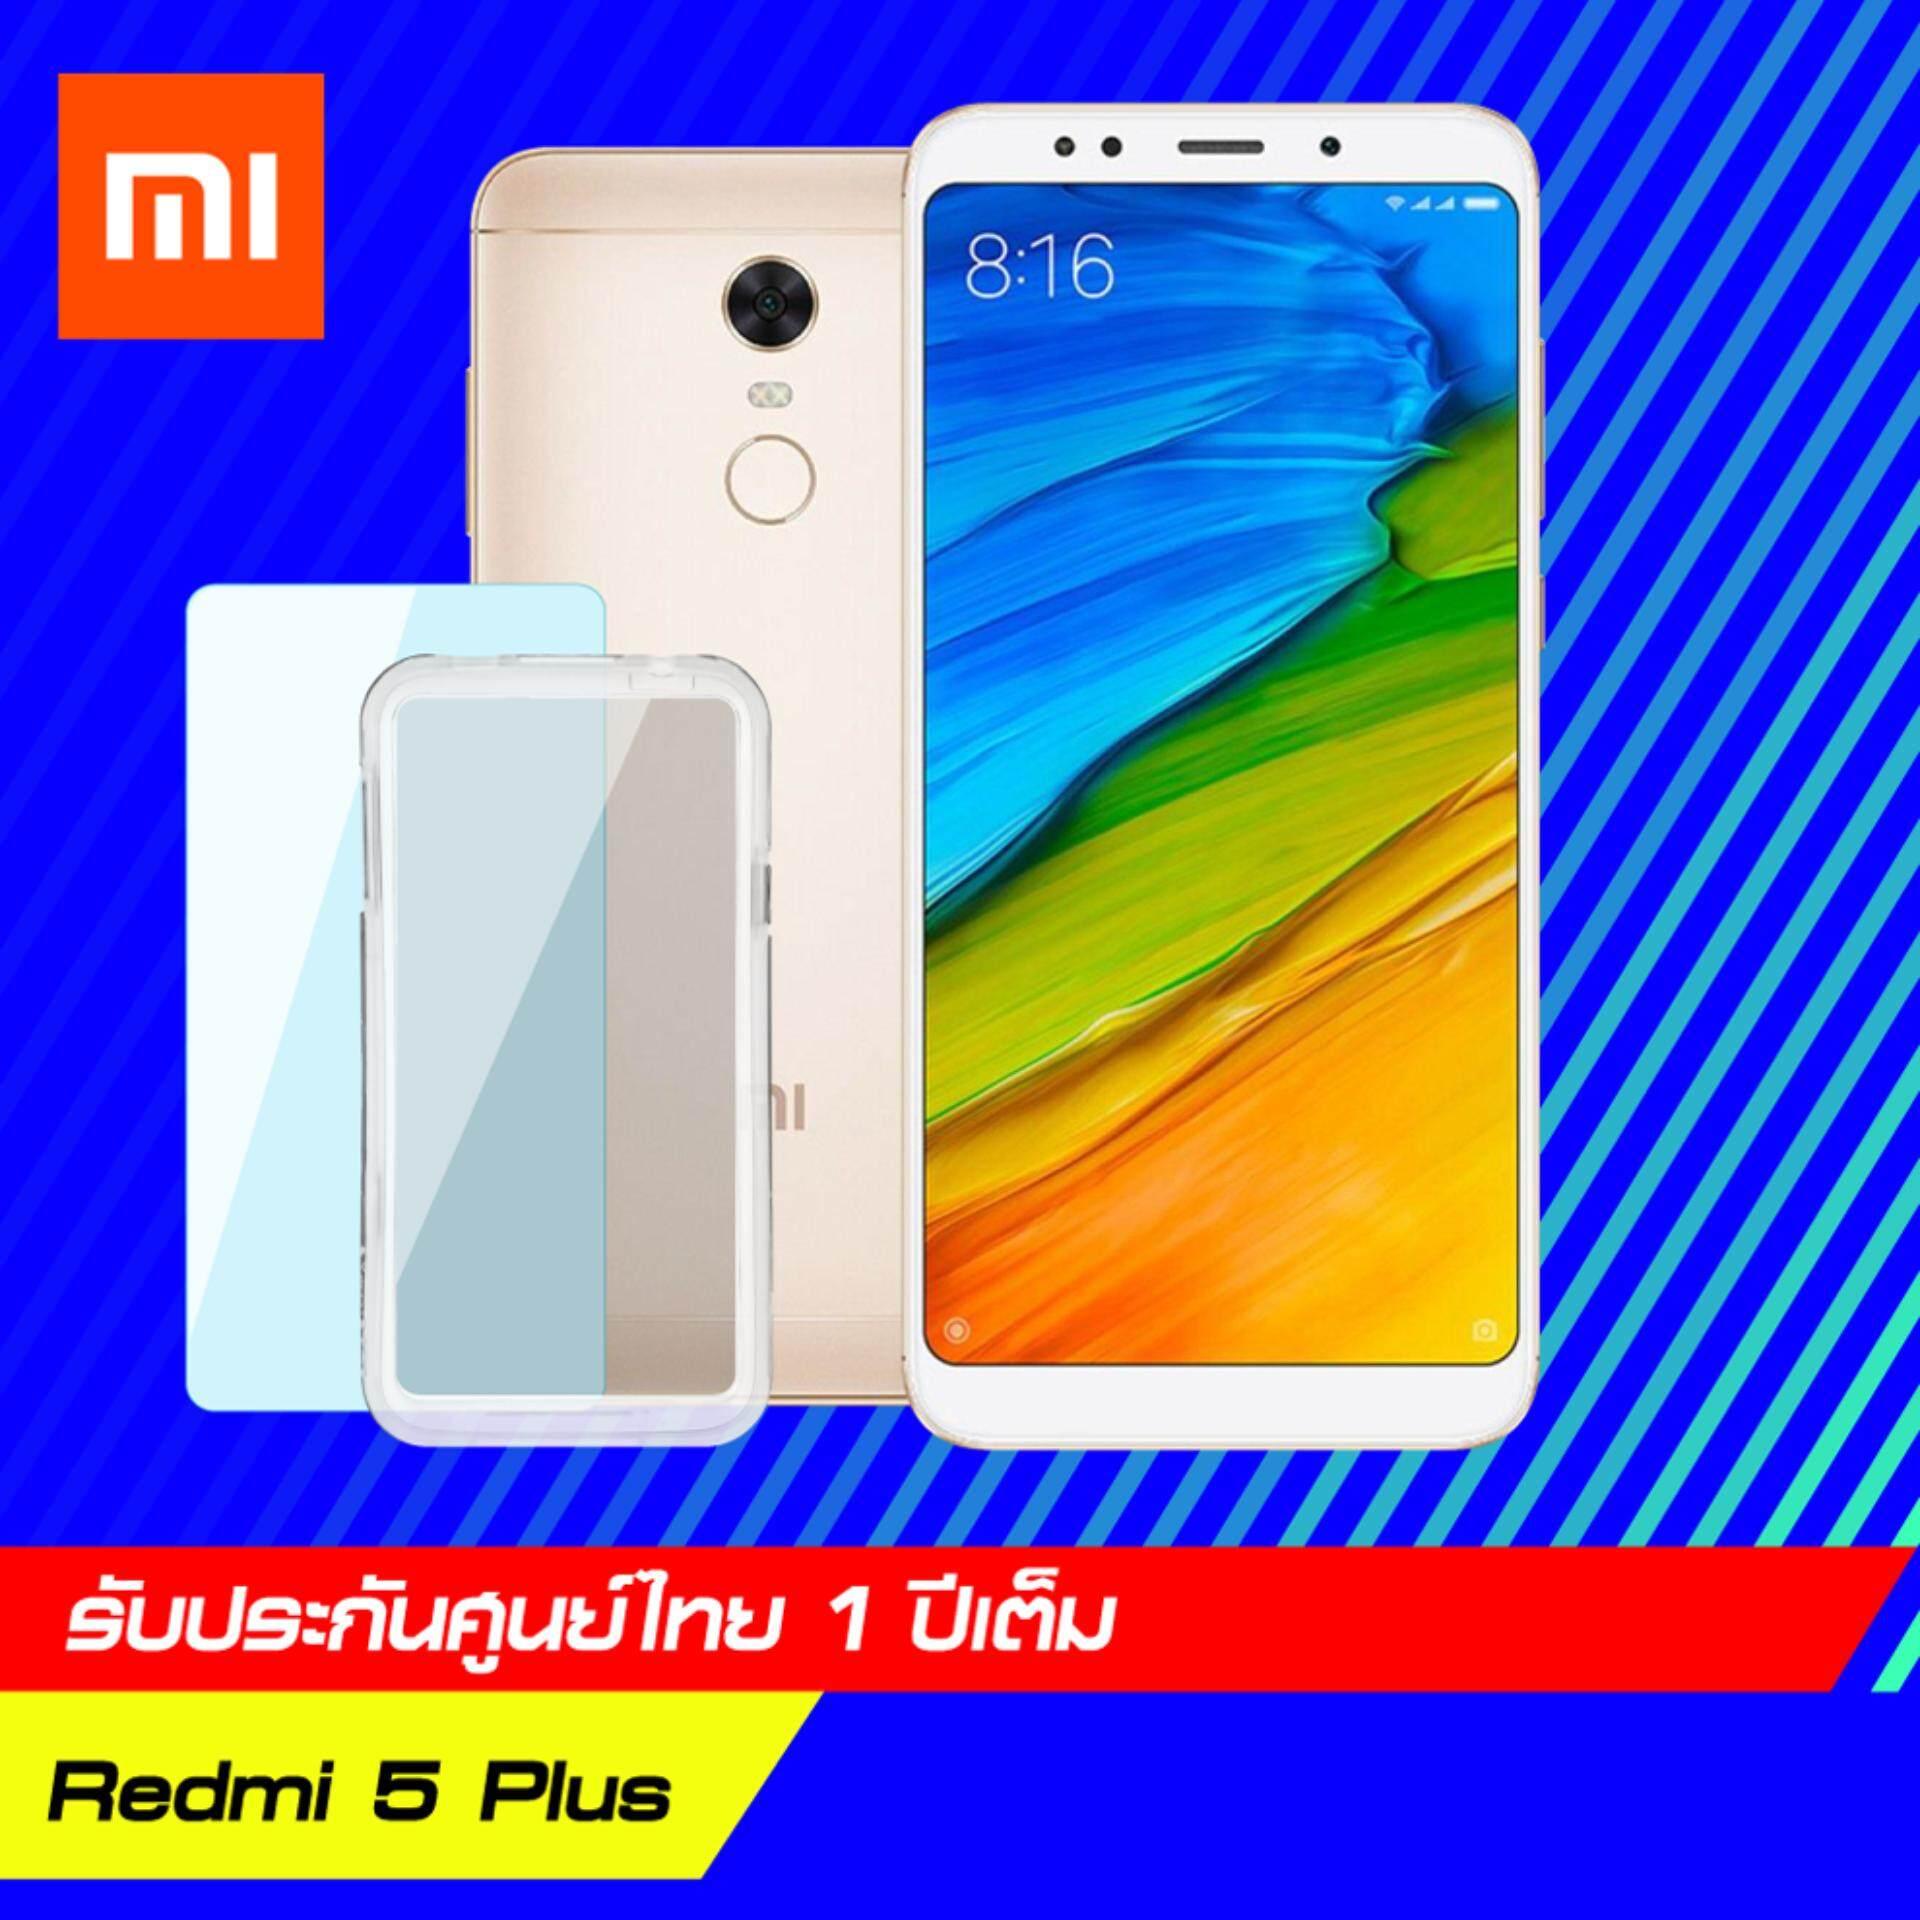 ขาย Xiaomi Redmi 5 Plus 3 32Gb พร้อมเคสกันกระแทก ฟิล์มกันรอย มูลค่า 390 หน้าจอ 5 99 นิ้ว รองรับ 2 ซิม รับประกันศูนย์ไทย 1 ปีเต็ม Xiaomi